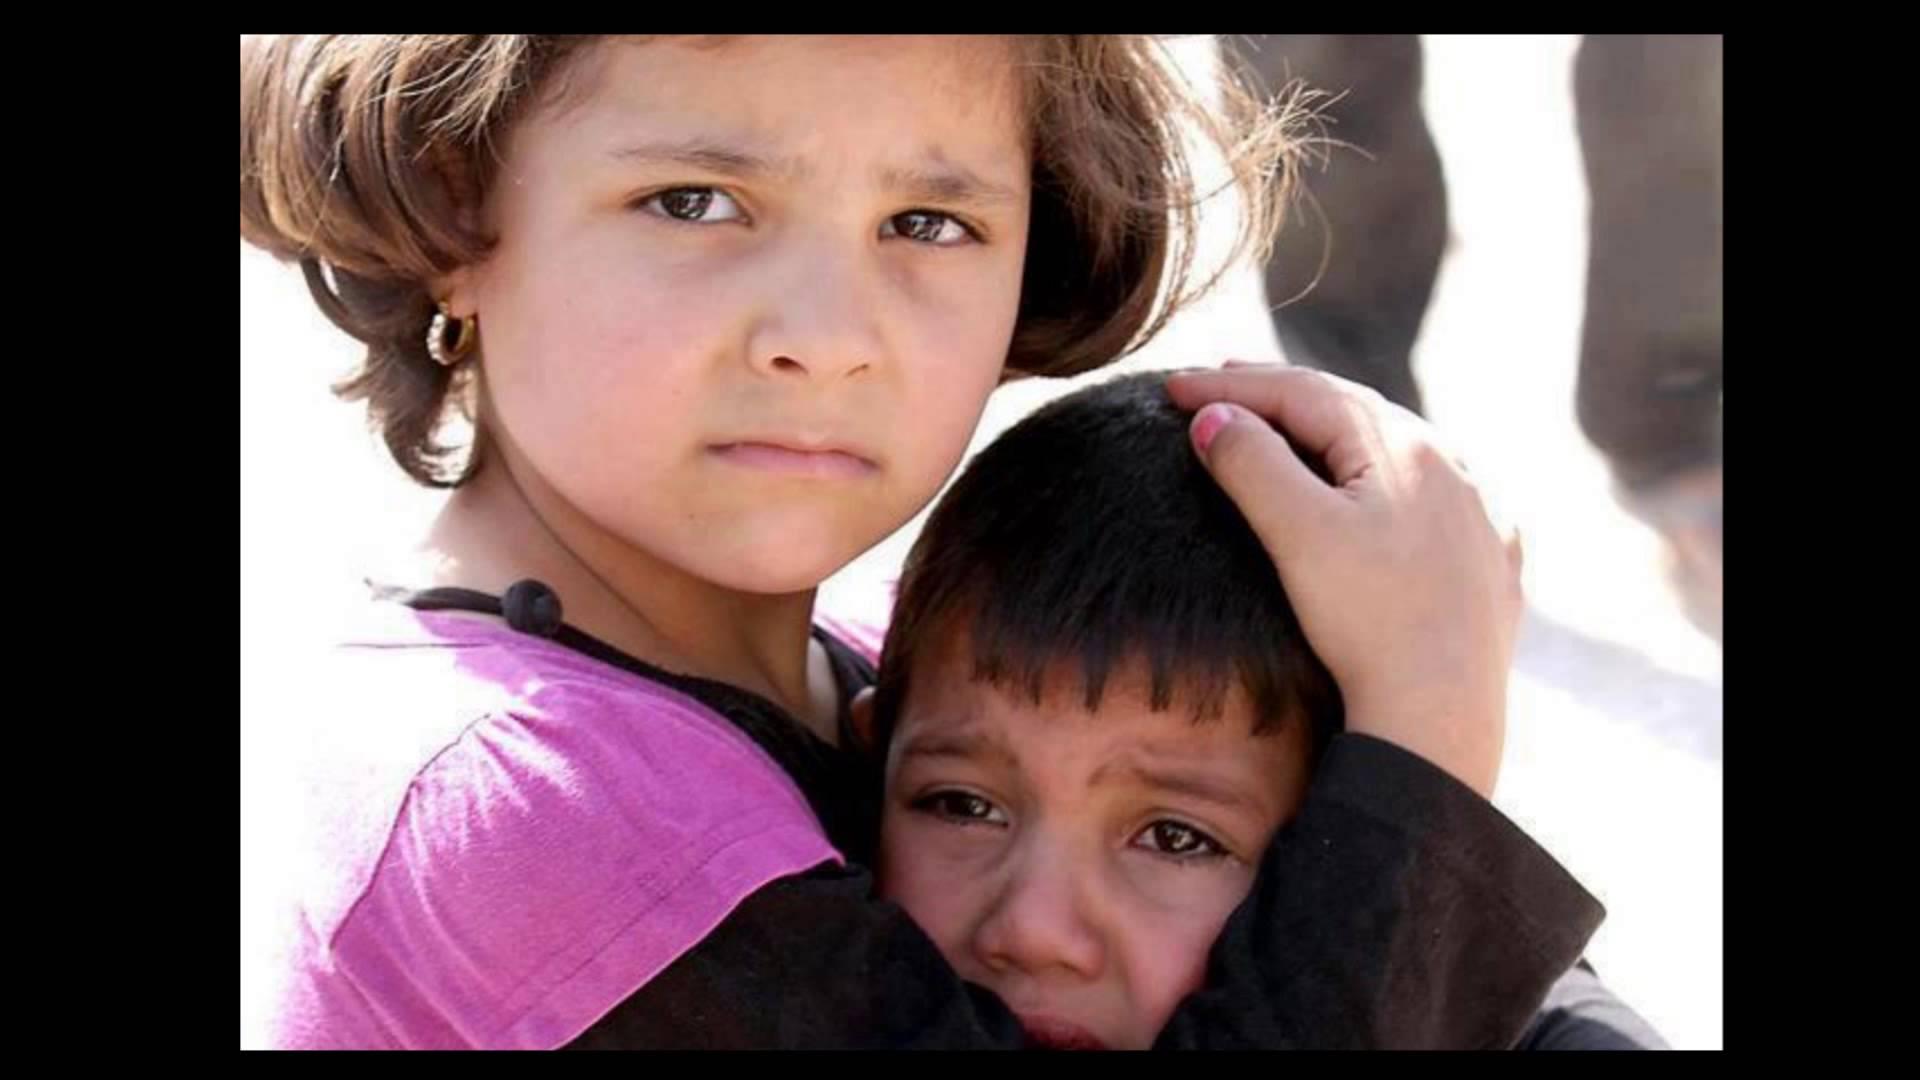 بالصور الطفل و الطفولة , صور اطفال فقدت طفولتها 1483 7